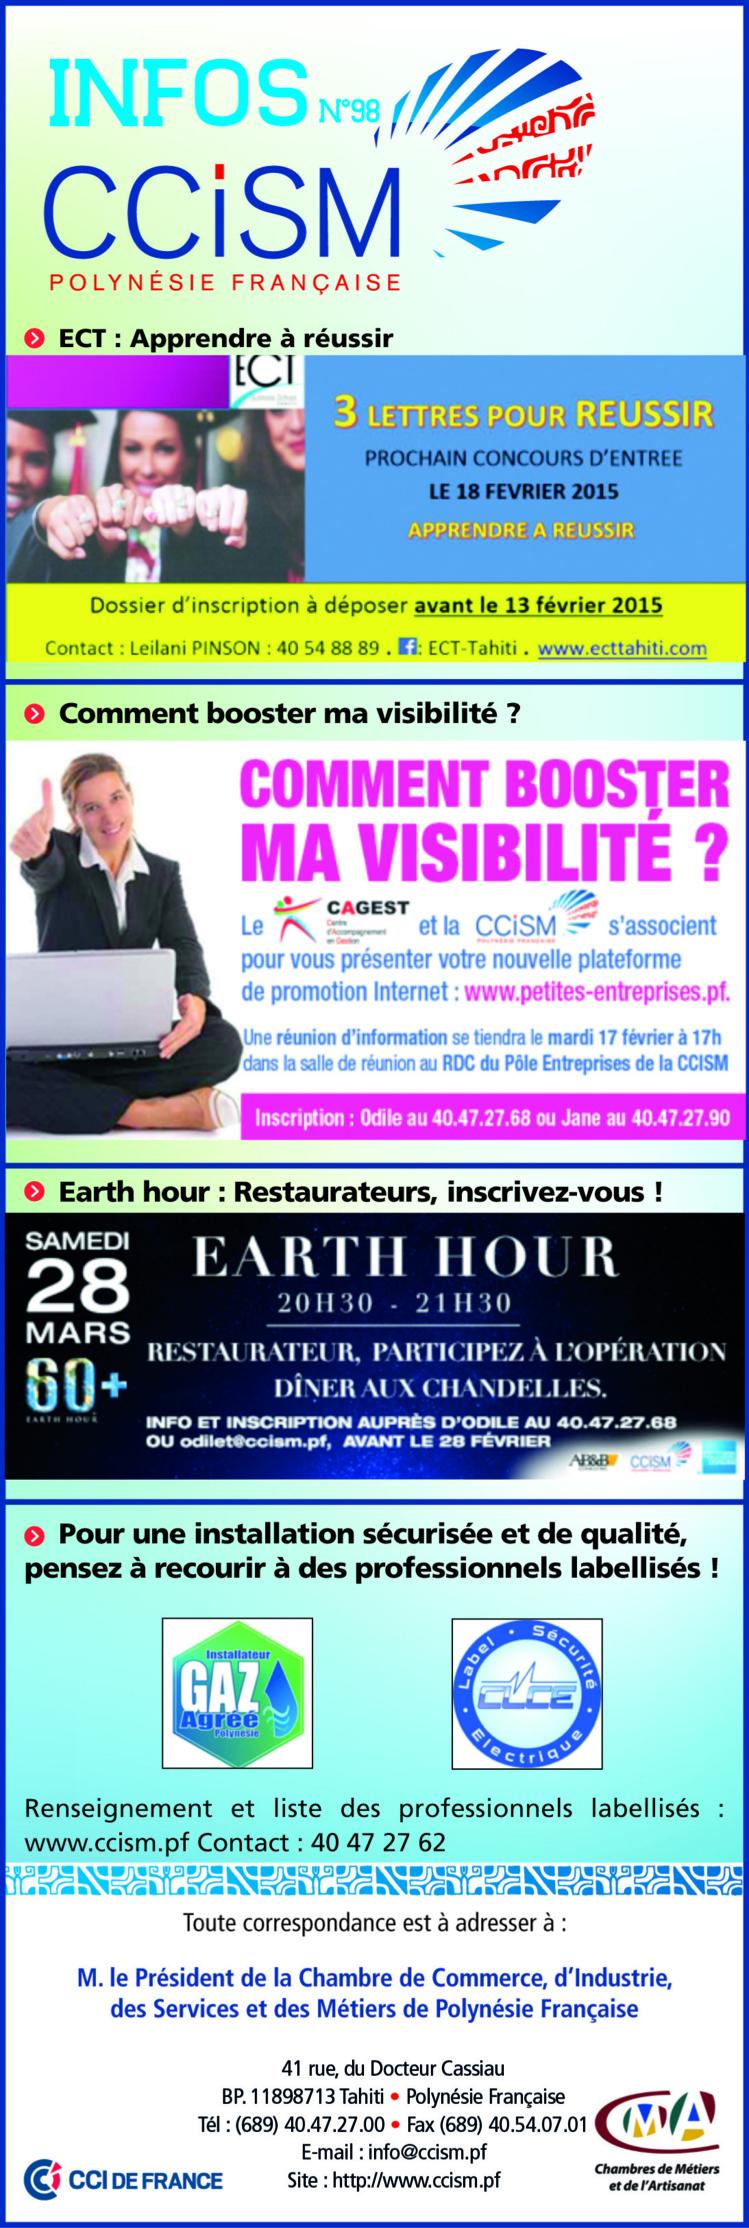 Infos CCISM N°98